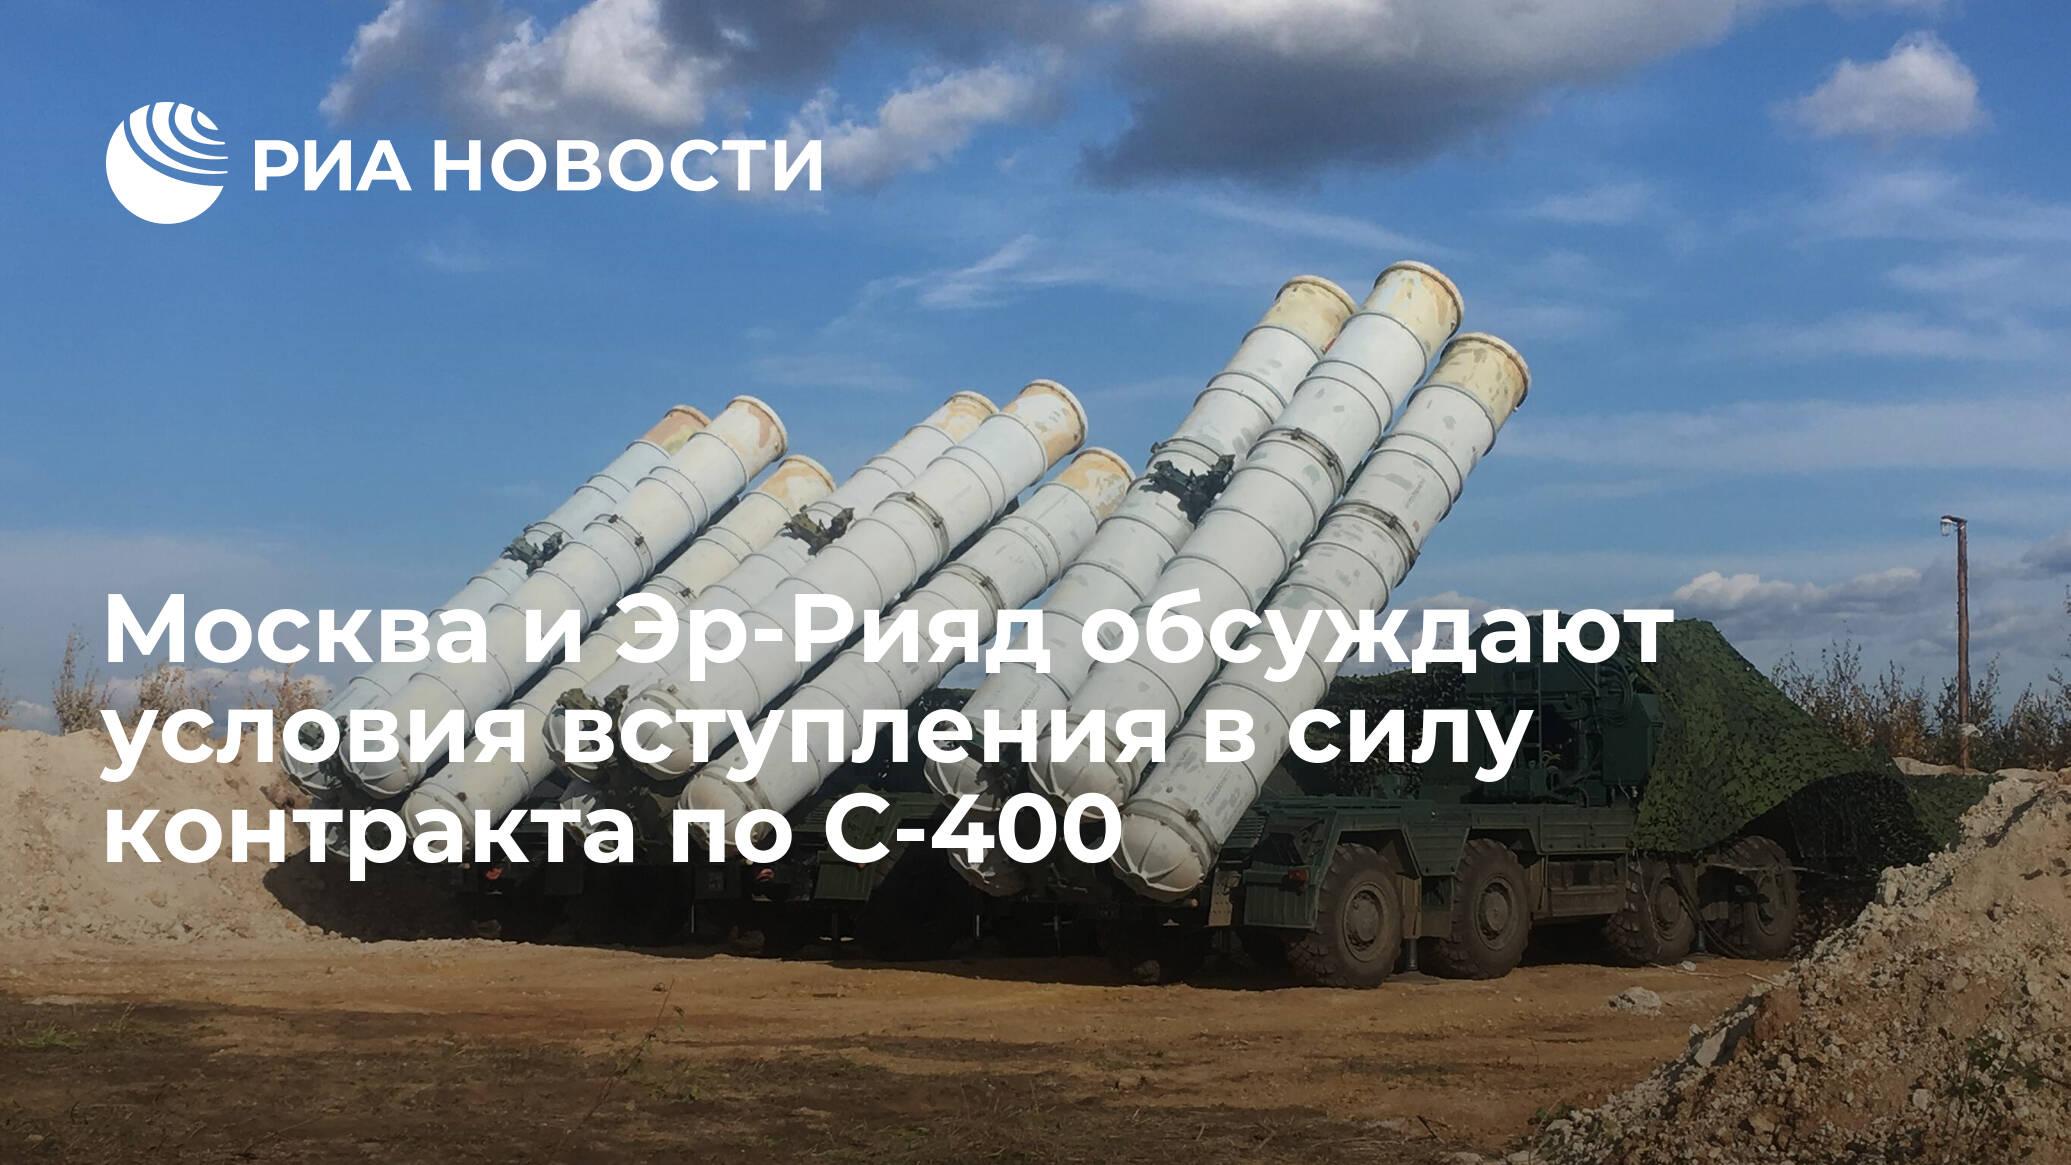 Россия и Саудовская Аравия договорились о поставках комплекса С-400